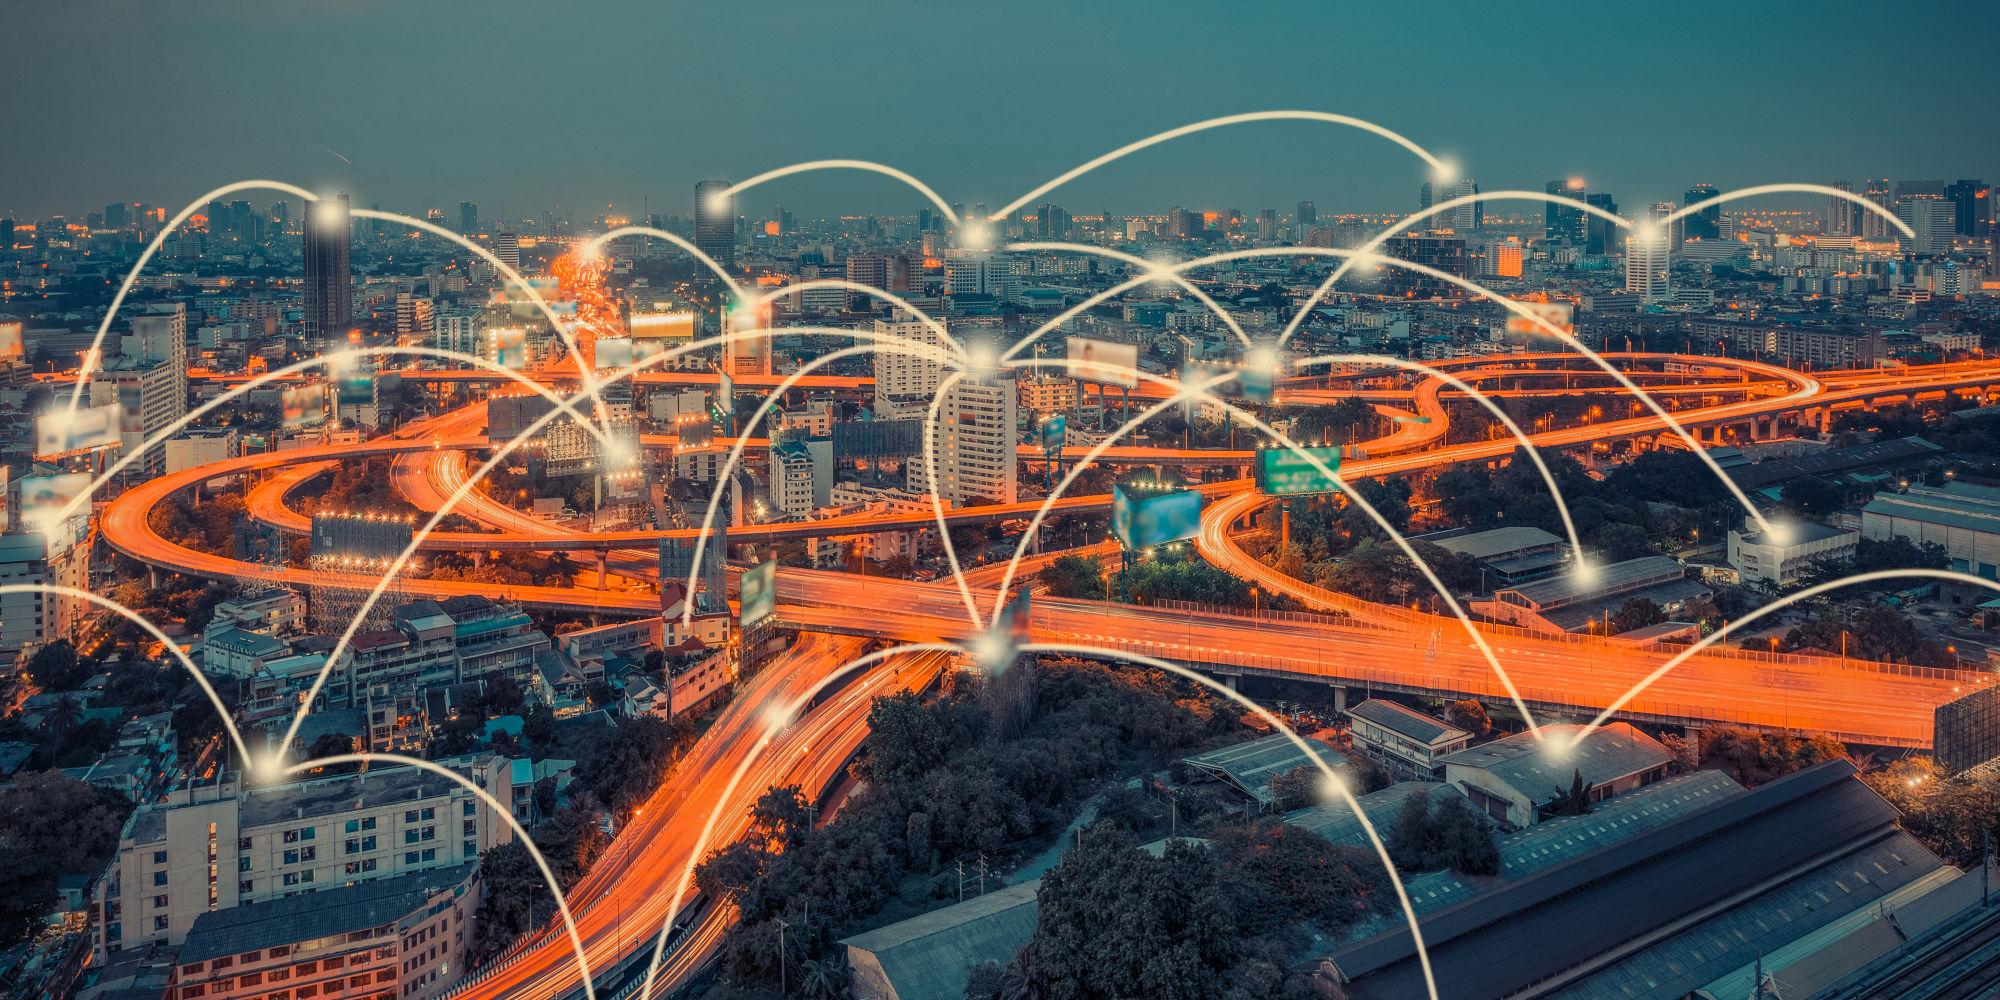 Названы 100 самых «умных» городов мира по версии Easypark